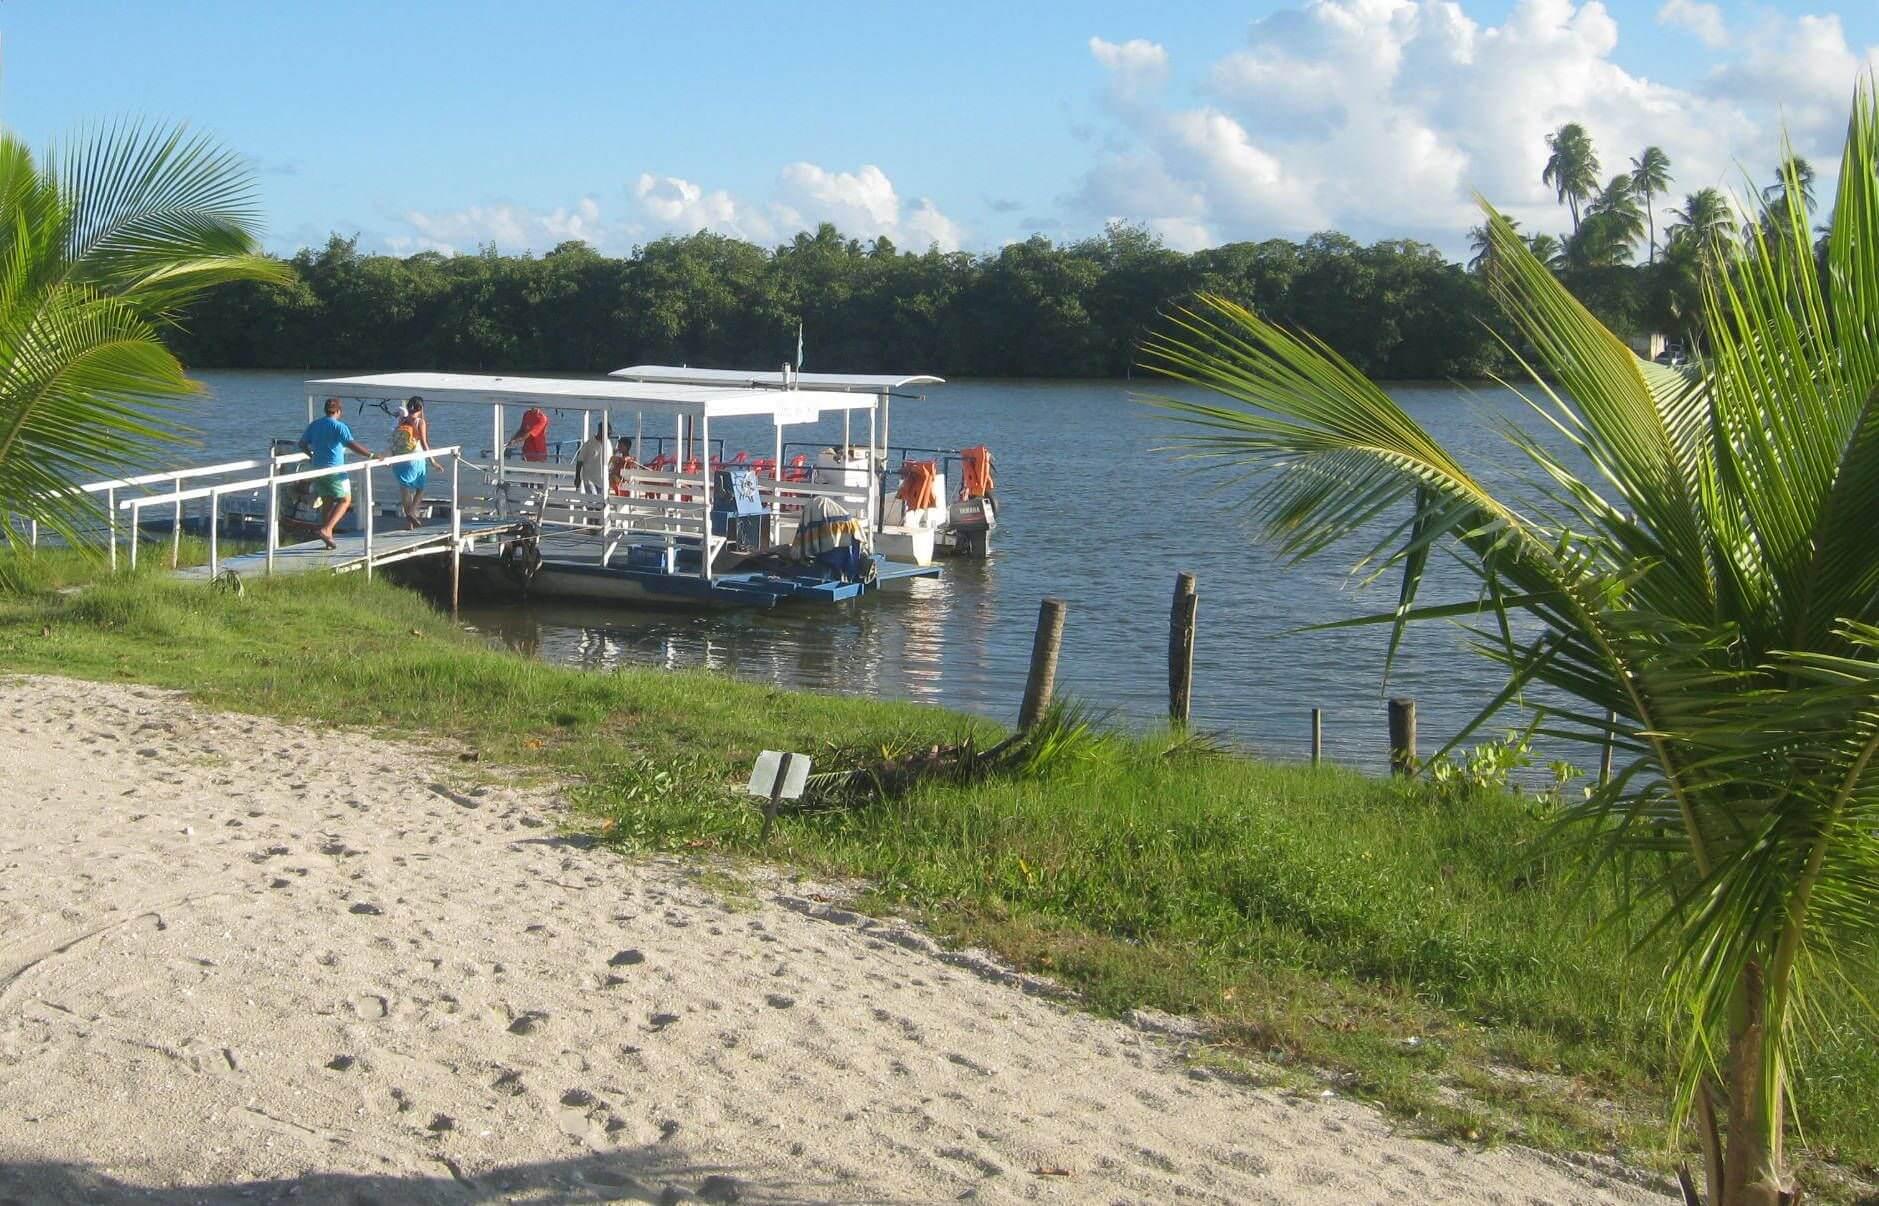 Píer na Ilha do Carlitos na Lagoa Mundaú em Maceió